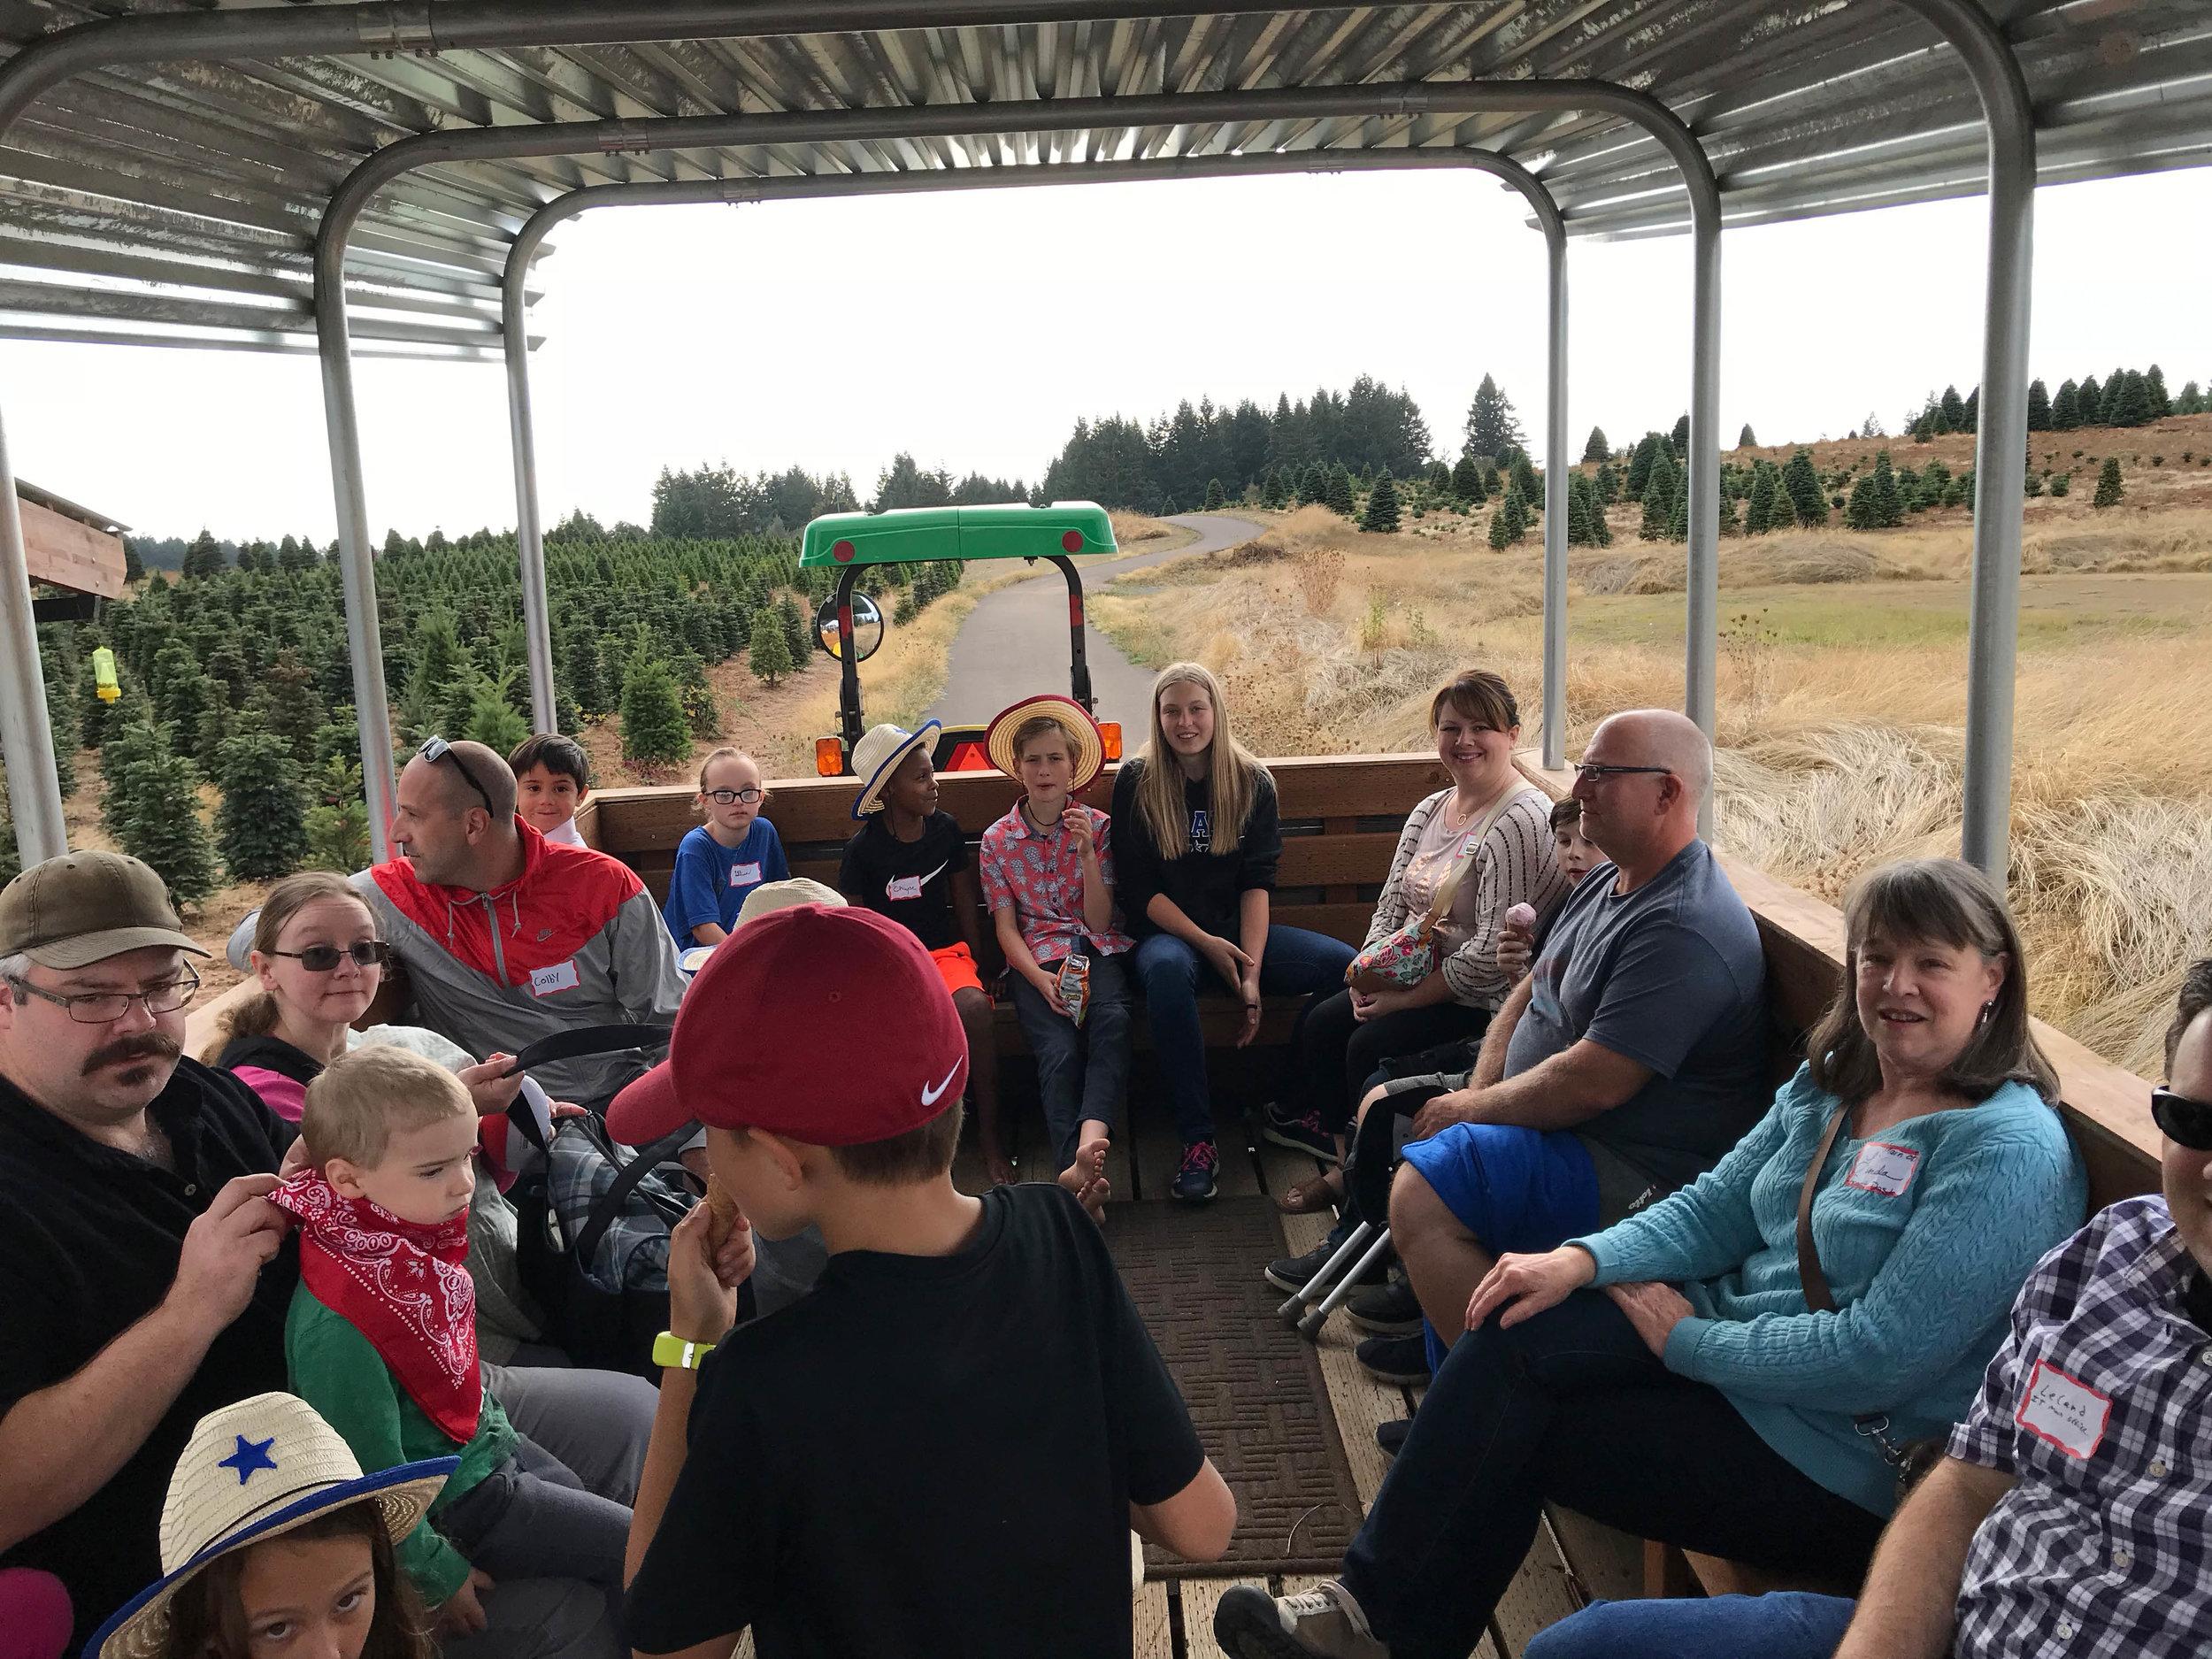 Tractor rides / company picnic